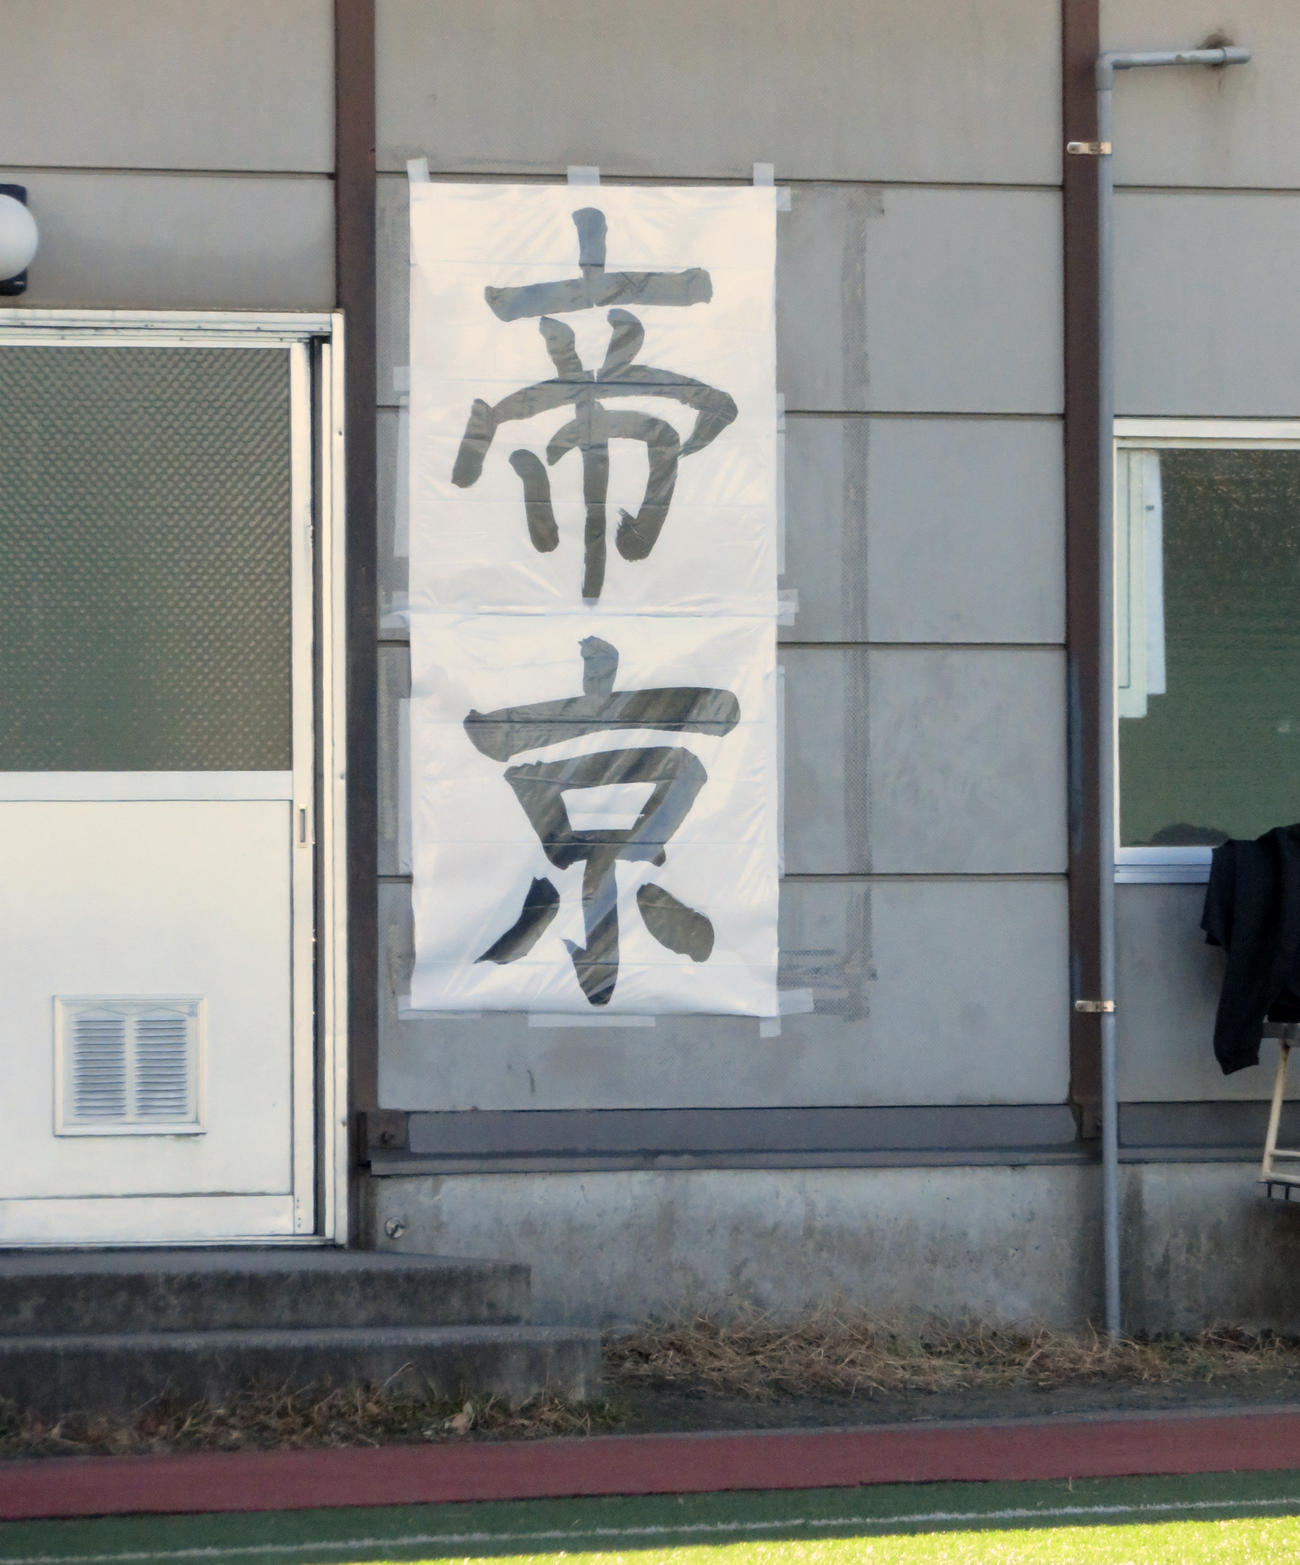 早大のクラブハウスに貼られている「帝京」の文字(撮影・峯岸佑樹)